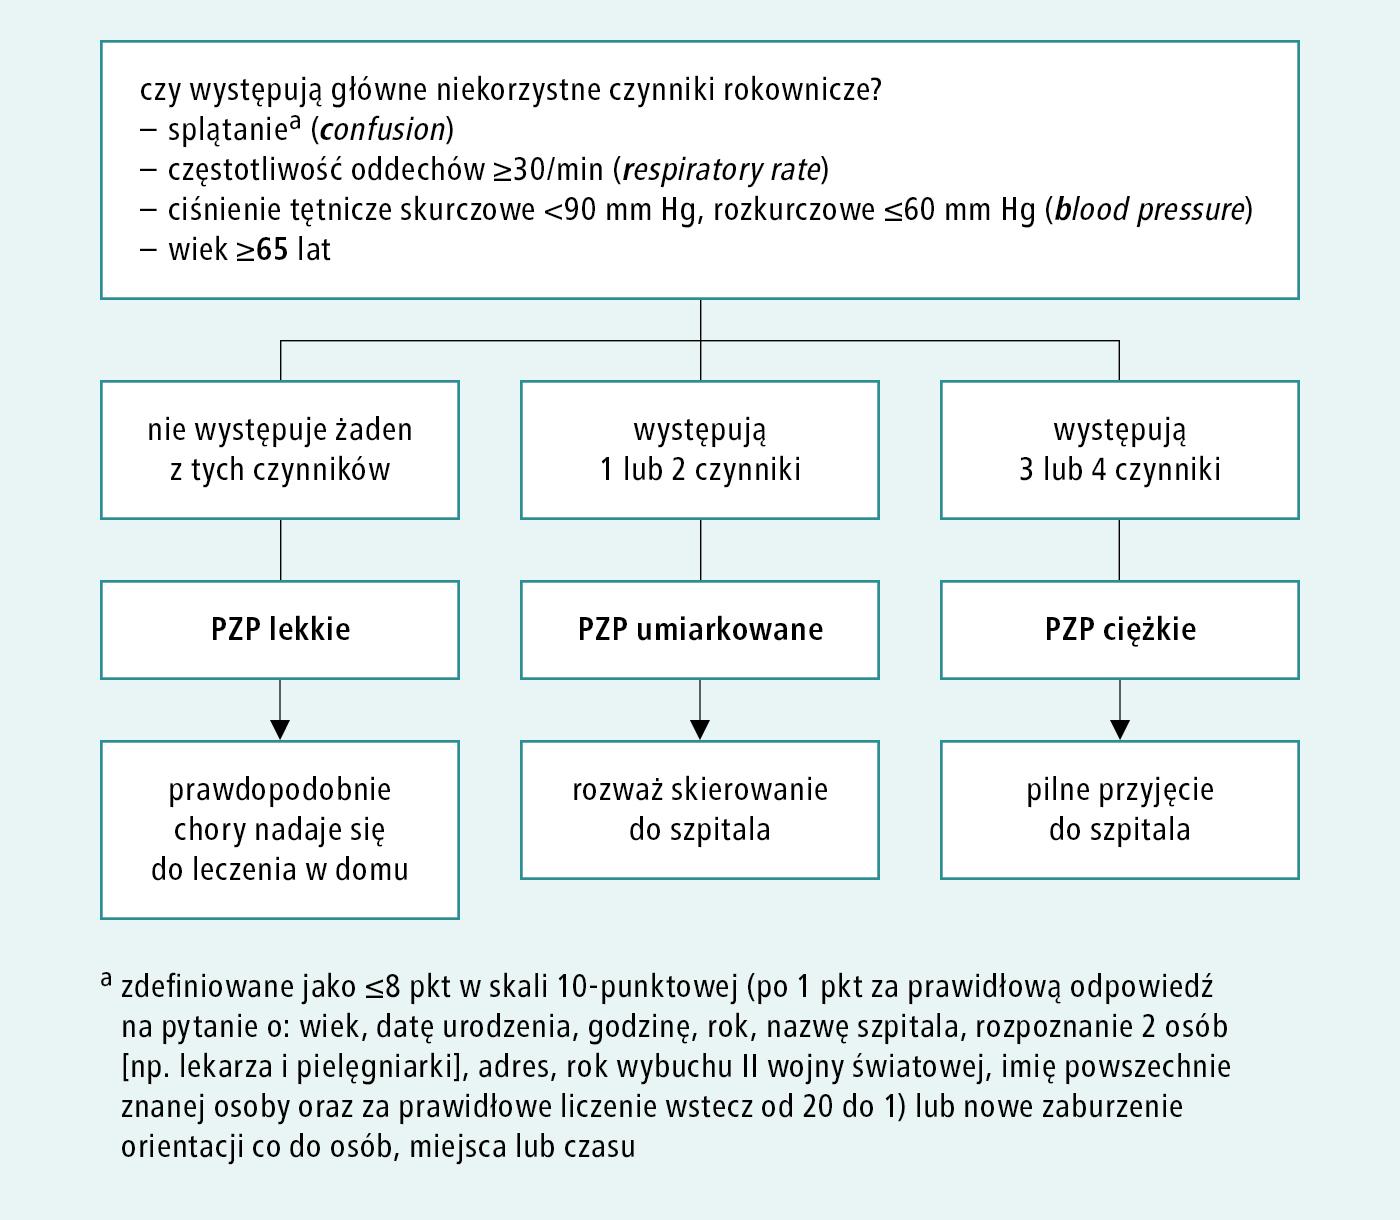 Rycina 3.13-1.      Ocena ciężkości pozaszpitalnego zapalenia płuc w warunkach ambulatoryjnych –  skala   CRB-65  (na podstawie wytycznych BTS 2009 i NICE 2014)